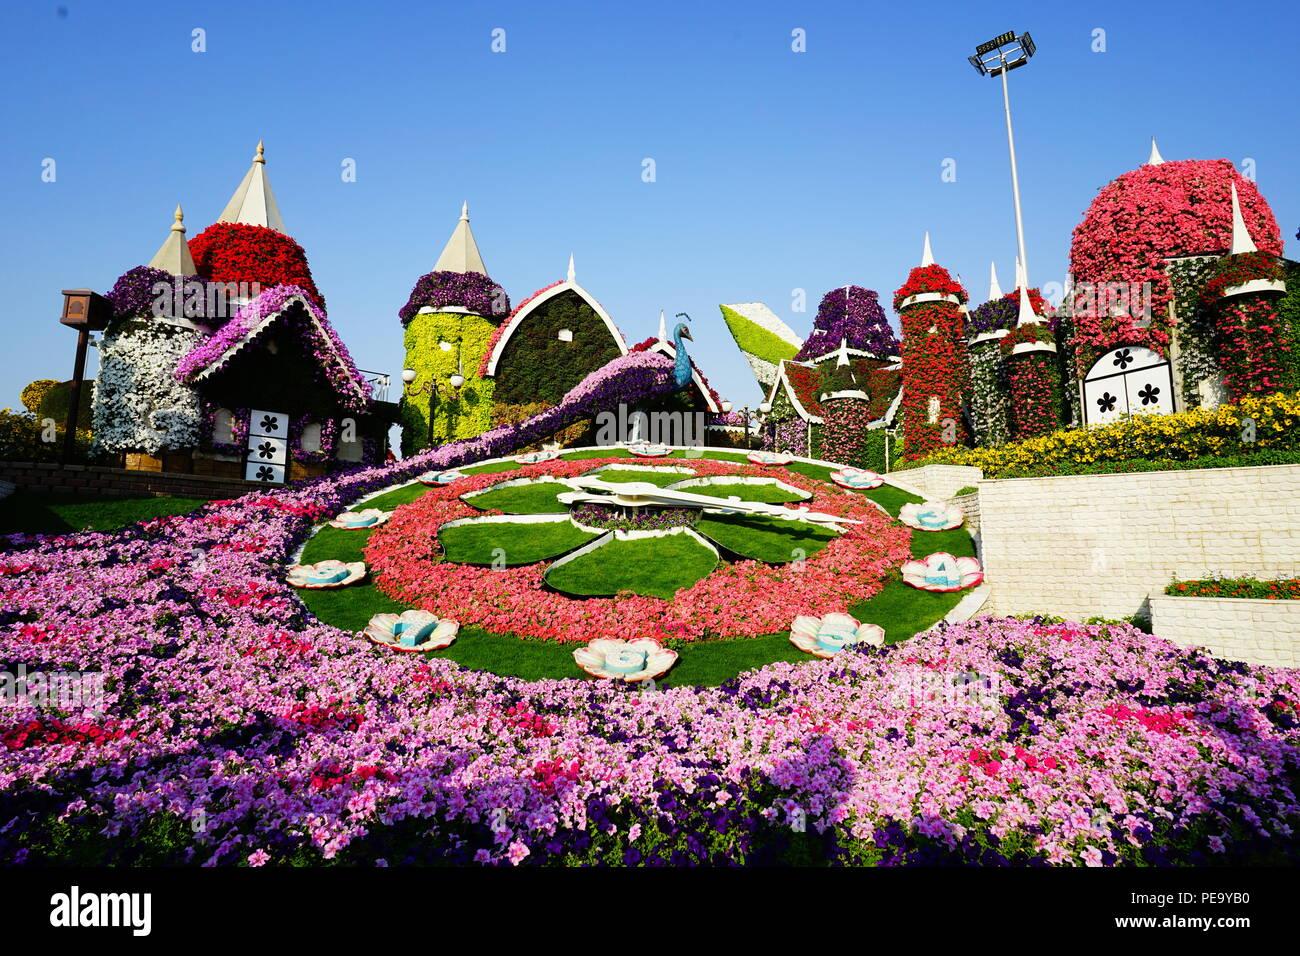 Flower Castle - Stock Image